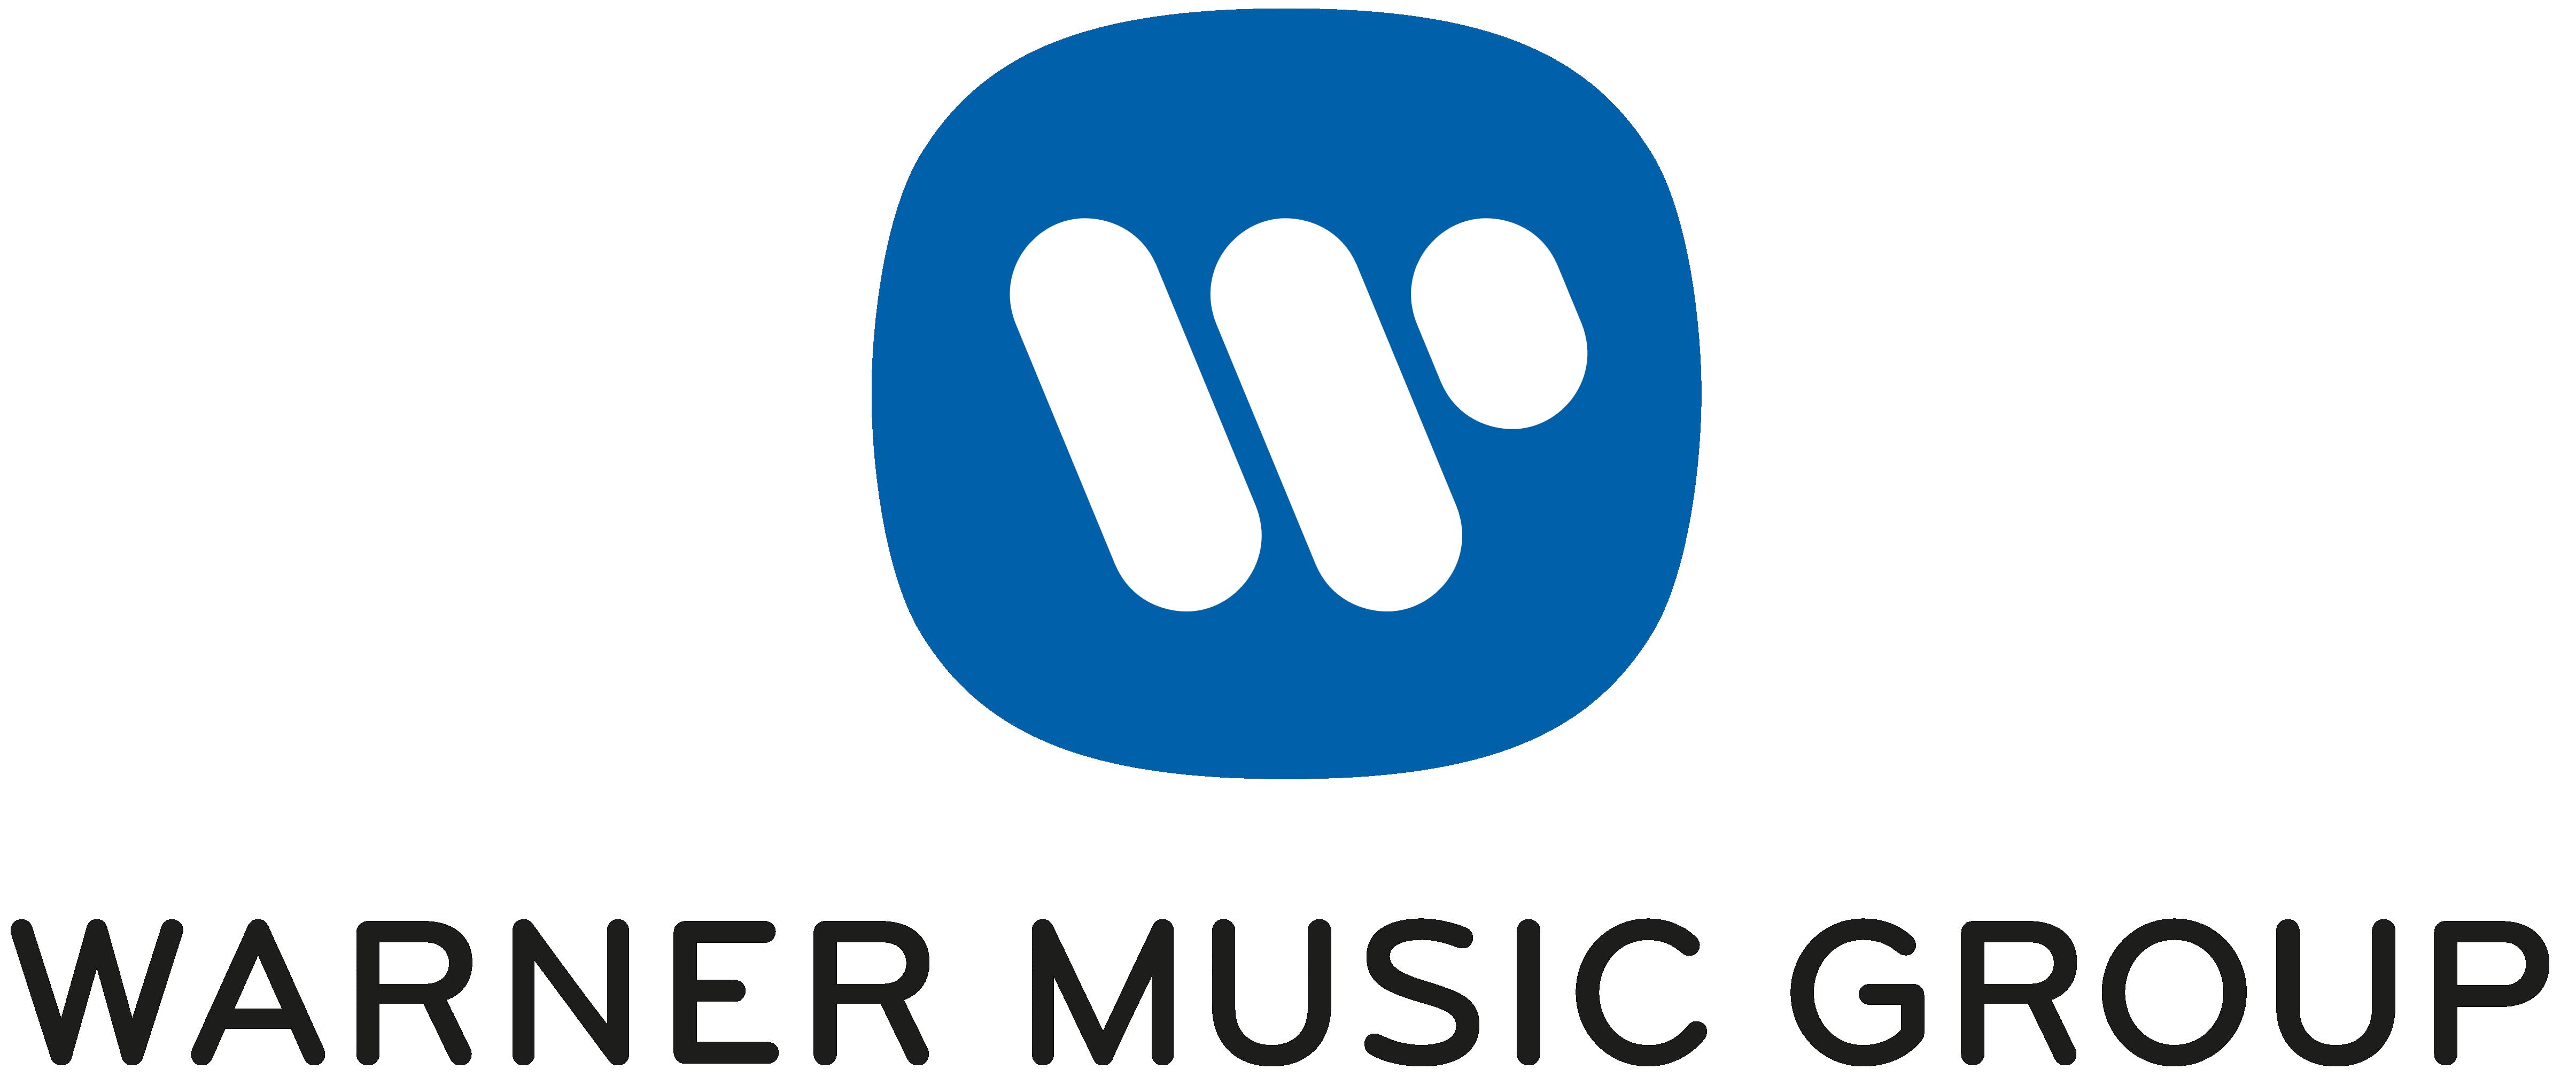 Wmg Warner Music Group Logos Download